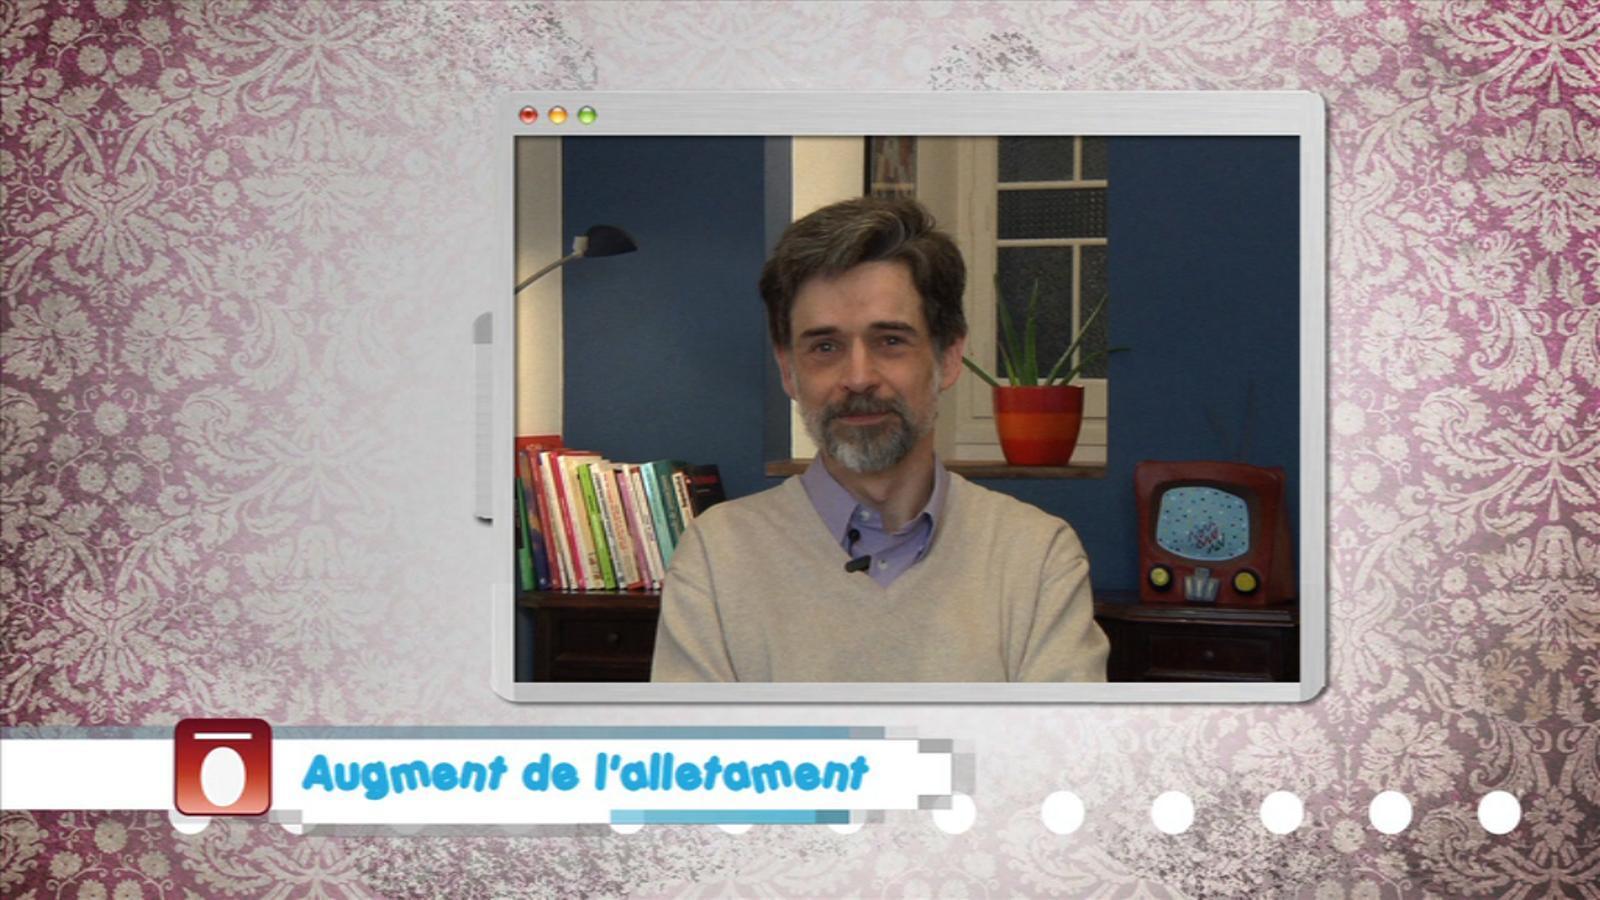 Criatures: Entrevista a Carlos González sobre l'augment de l'alletament